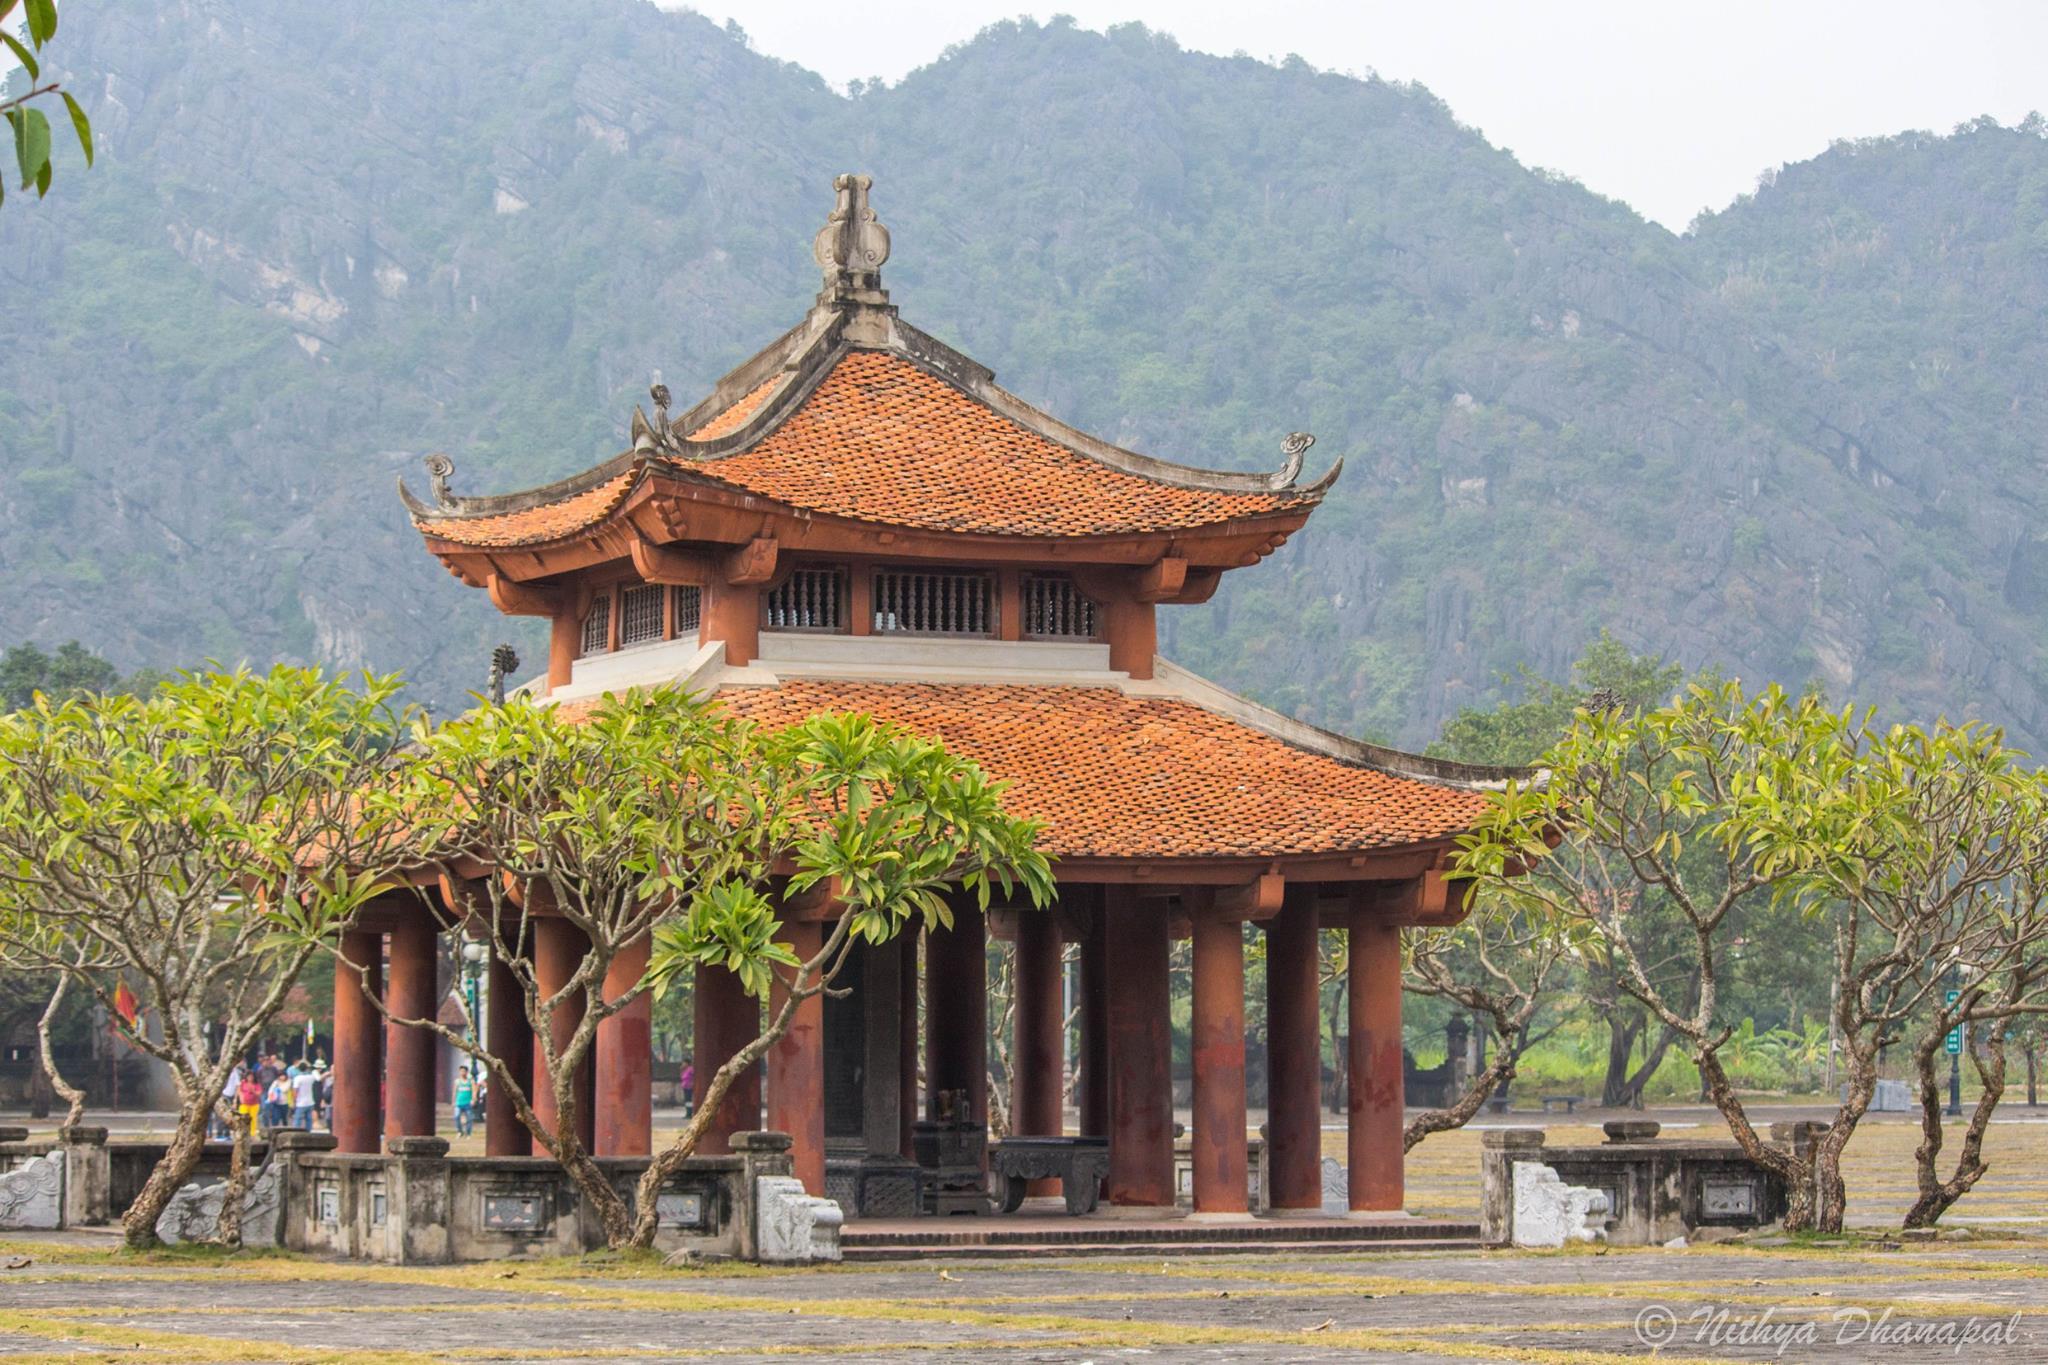 At Nihn Binh